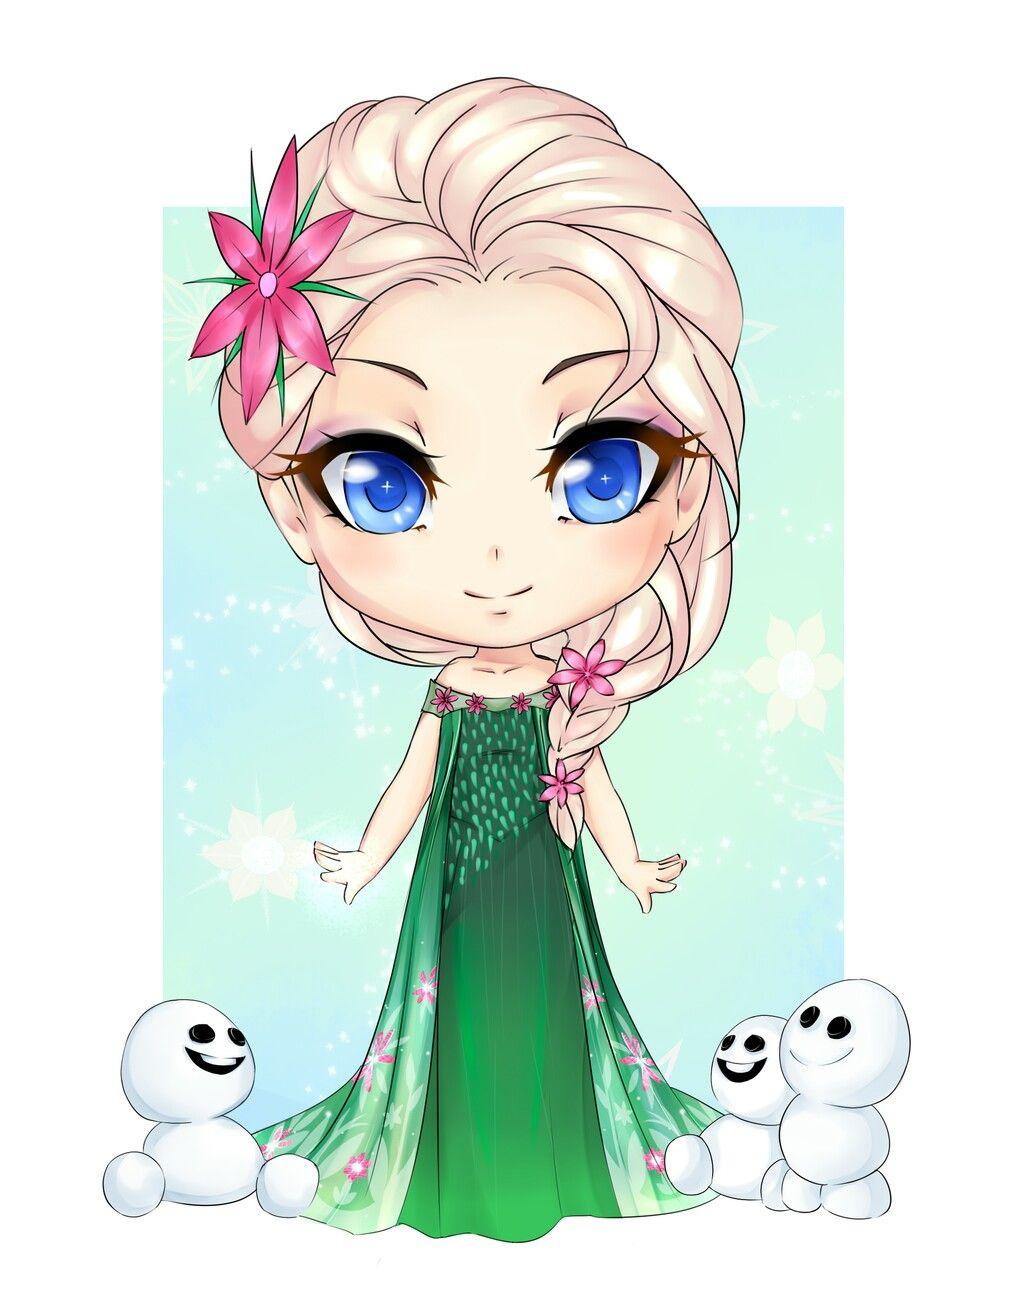 Chibi Elsa Dibujos Kawaii Dibujo Gato Facil Dibujos Bonitos